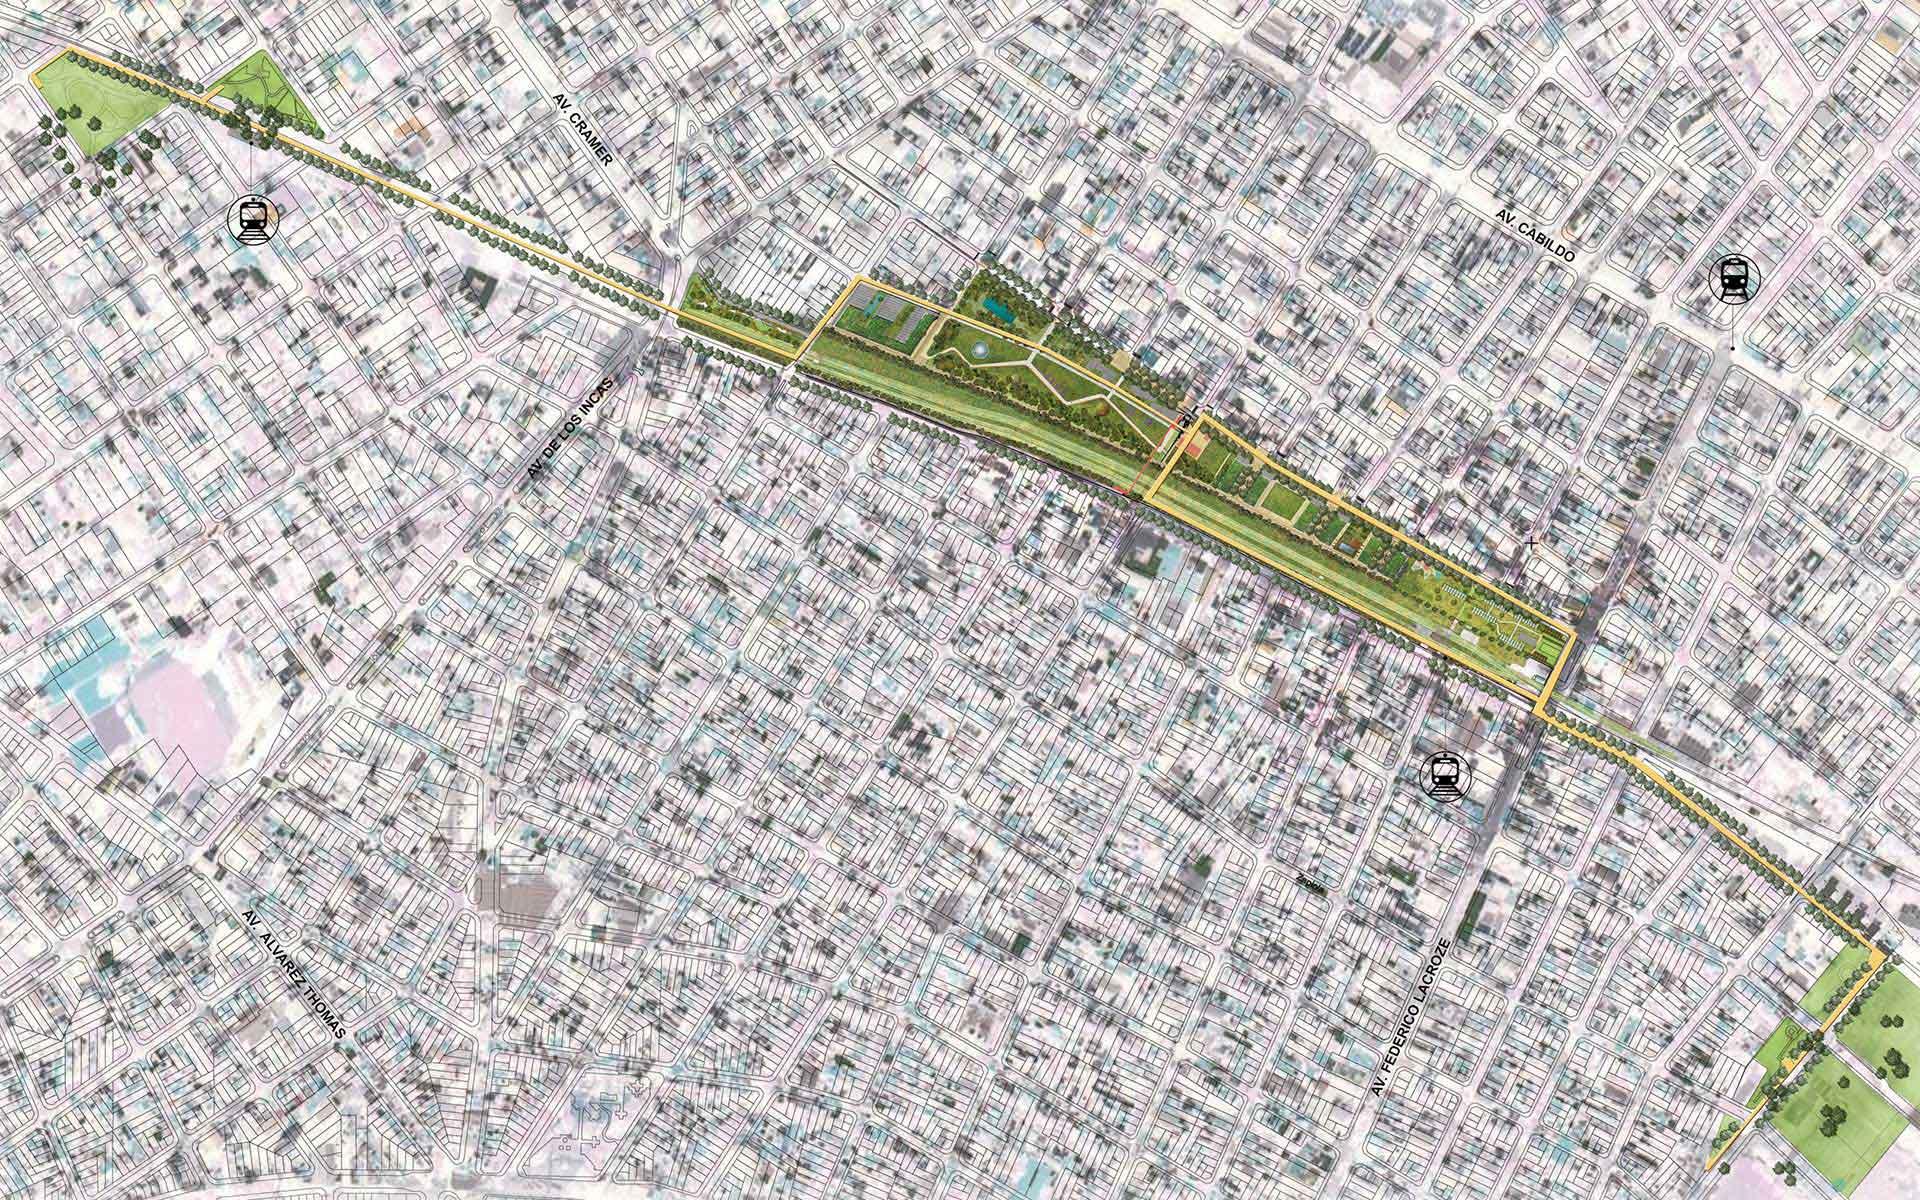 Arquitectura y Paisaje, planta del masterplan y la intervención en el area de colegiales con la inserción urbana de edificios y parques